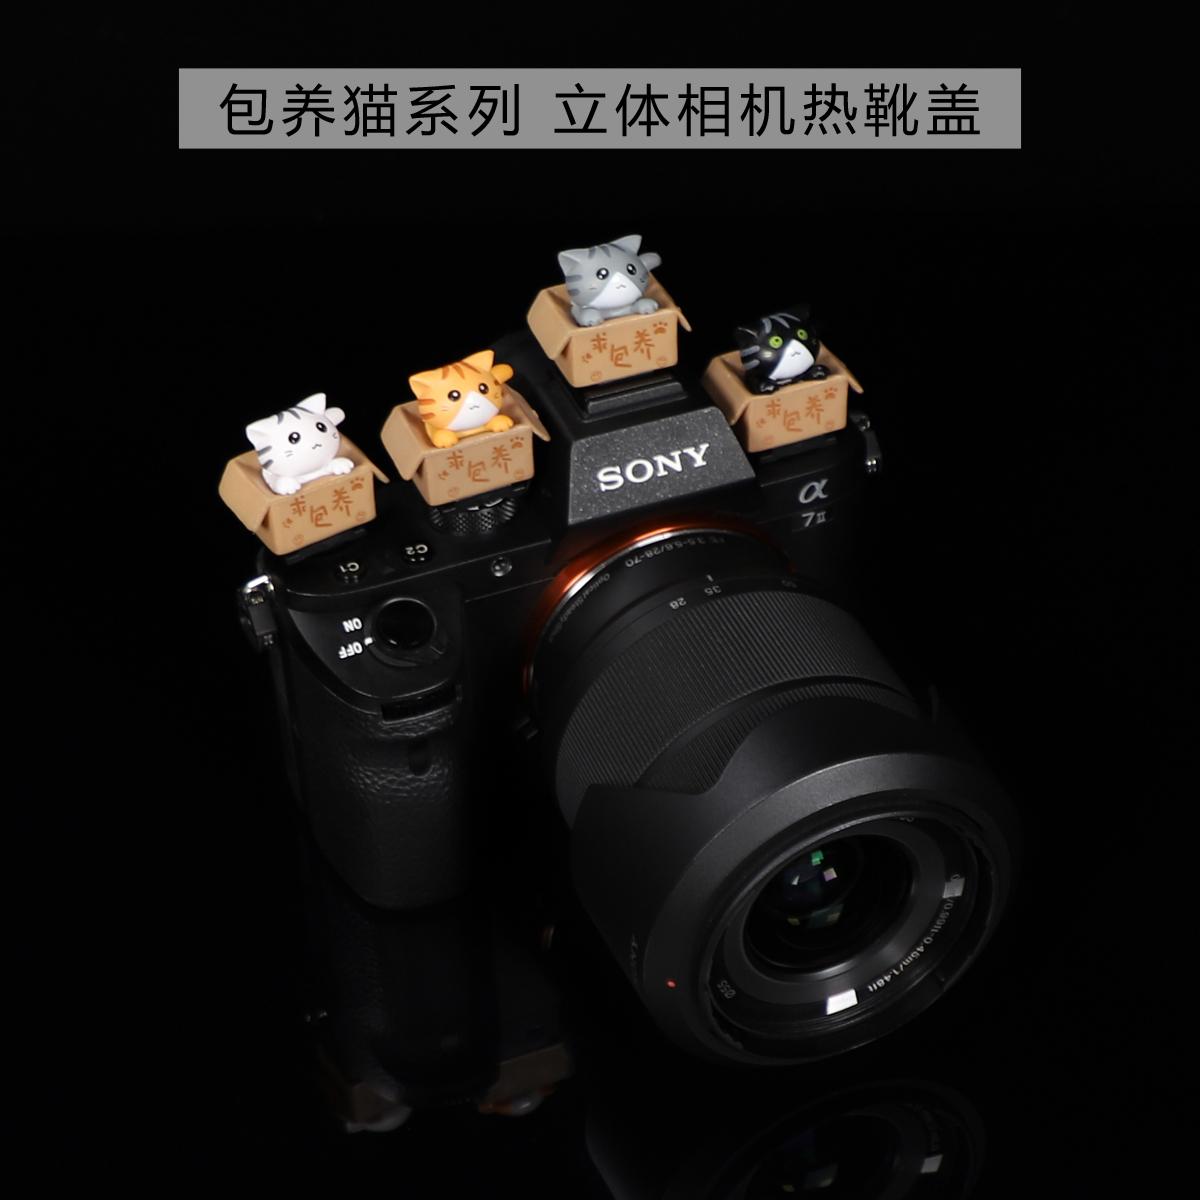 包養貓系列 熱靴蓋創意卡通相機防塵蓋富士索尼佳能尼康理光適用